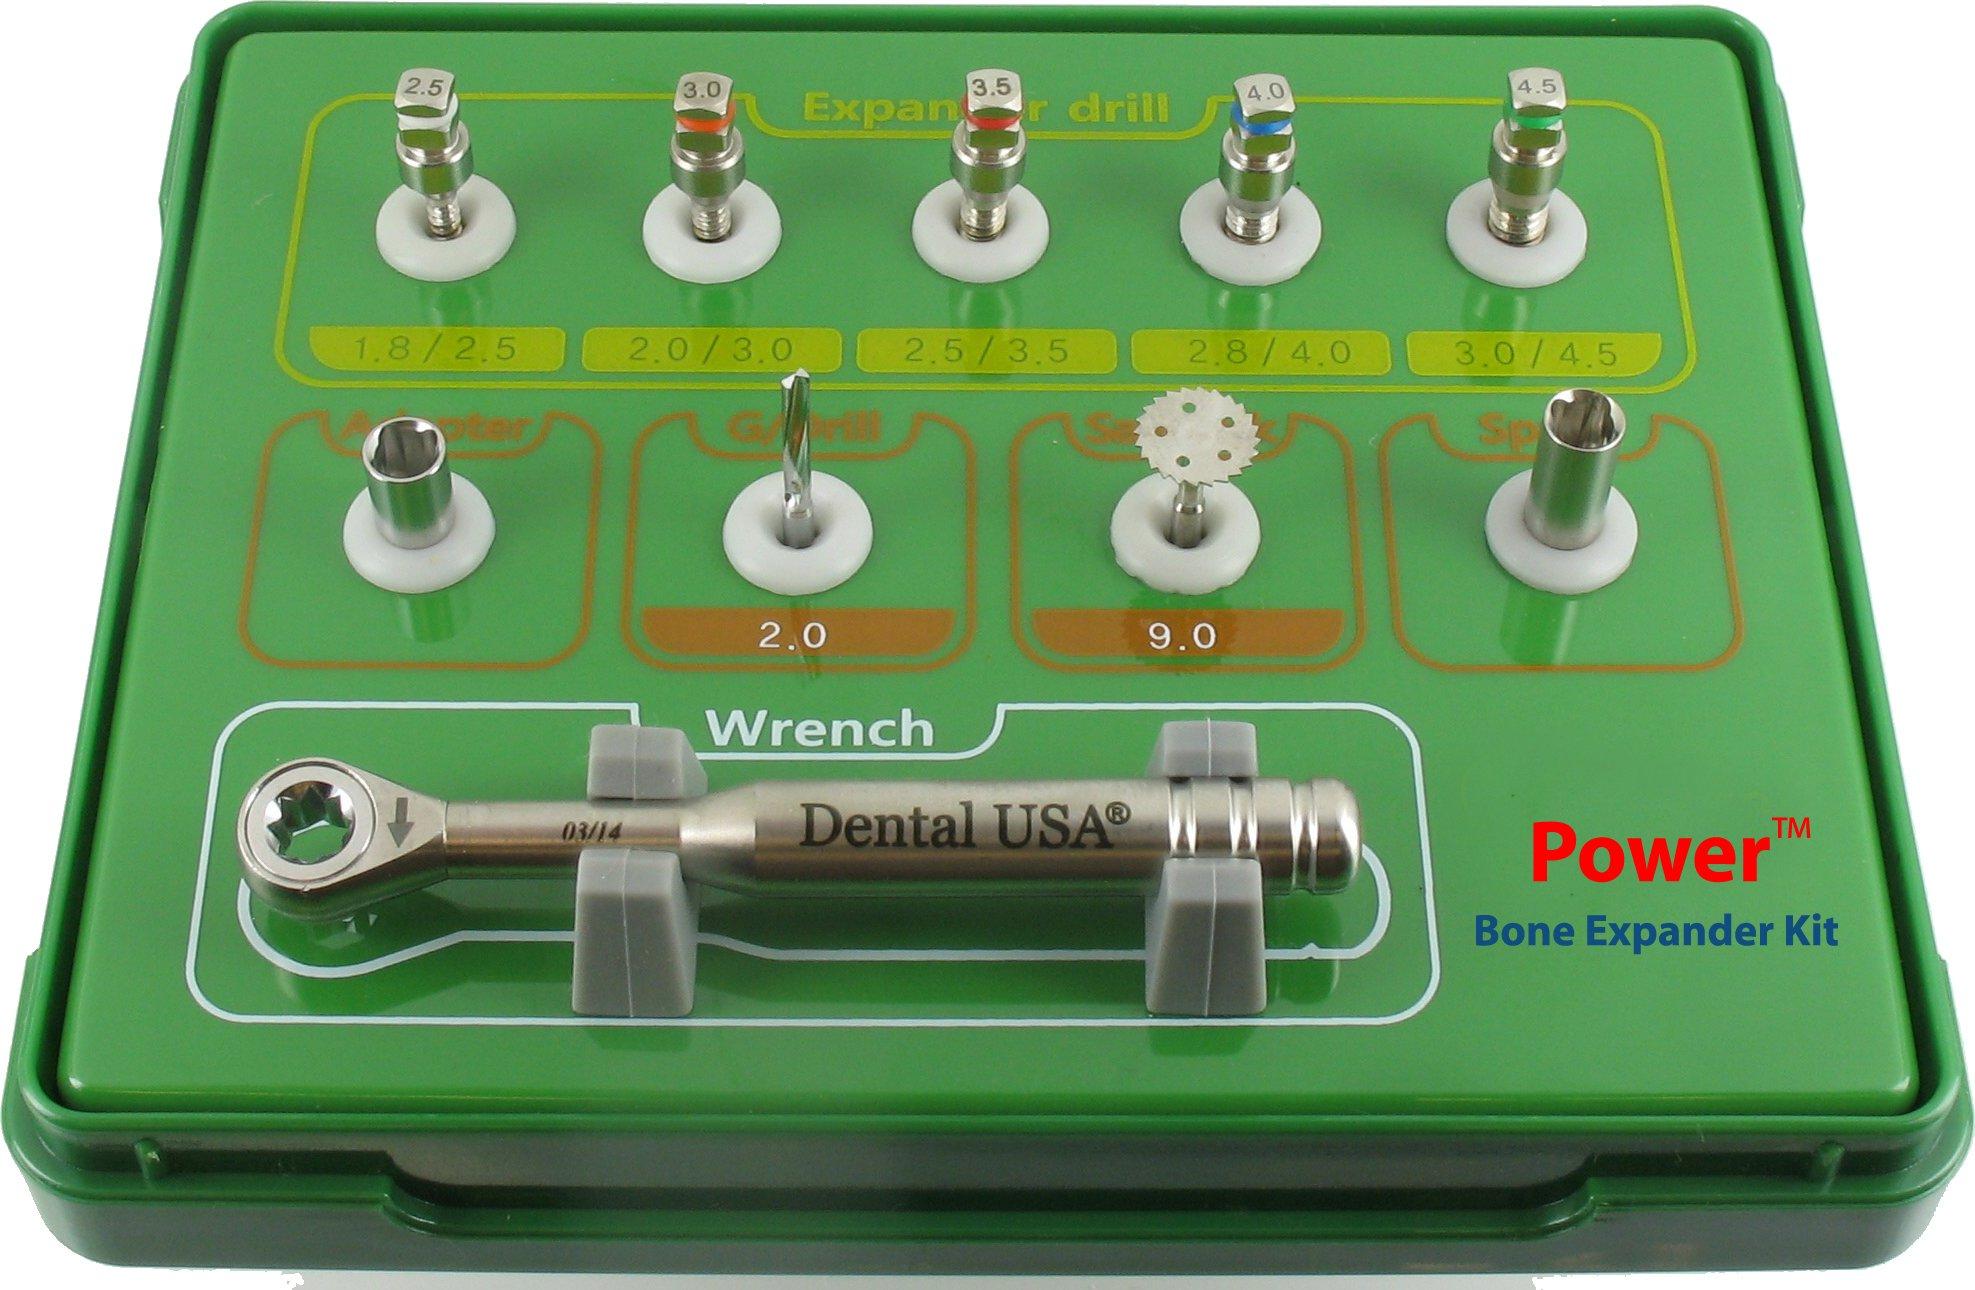 Dental USA-Power Bone Expander Kit Code-7804